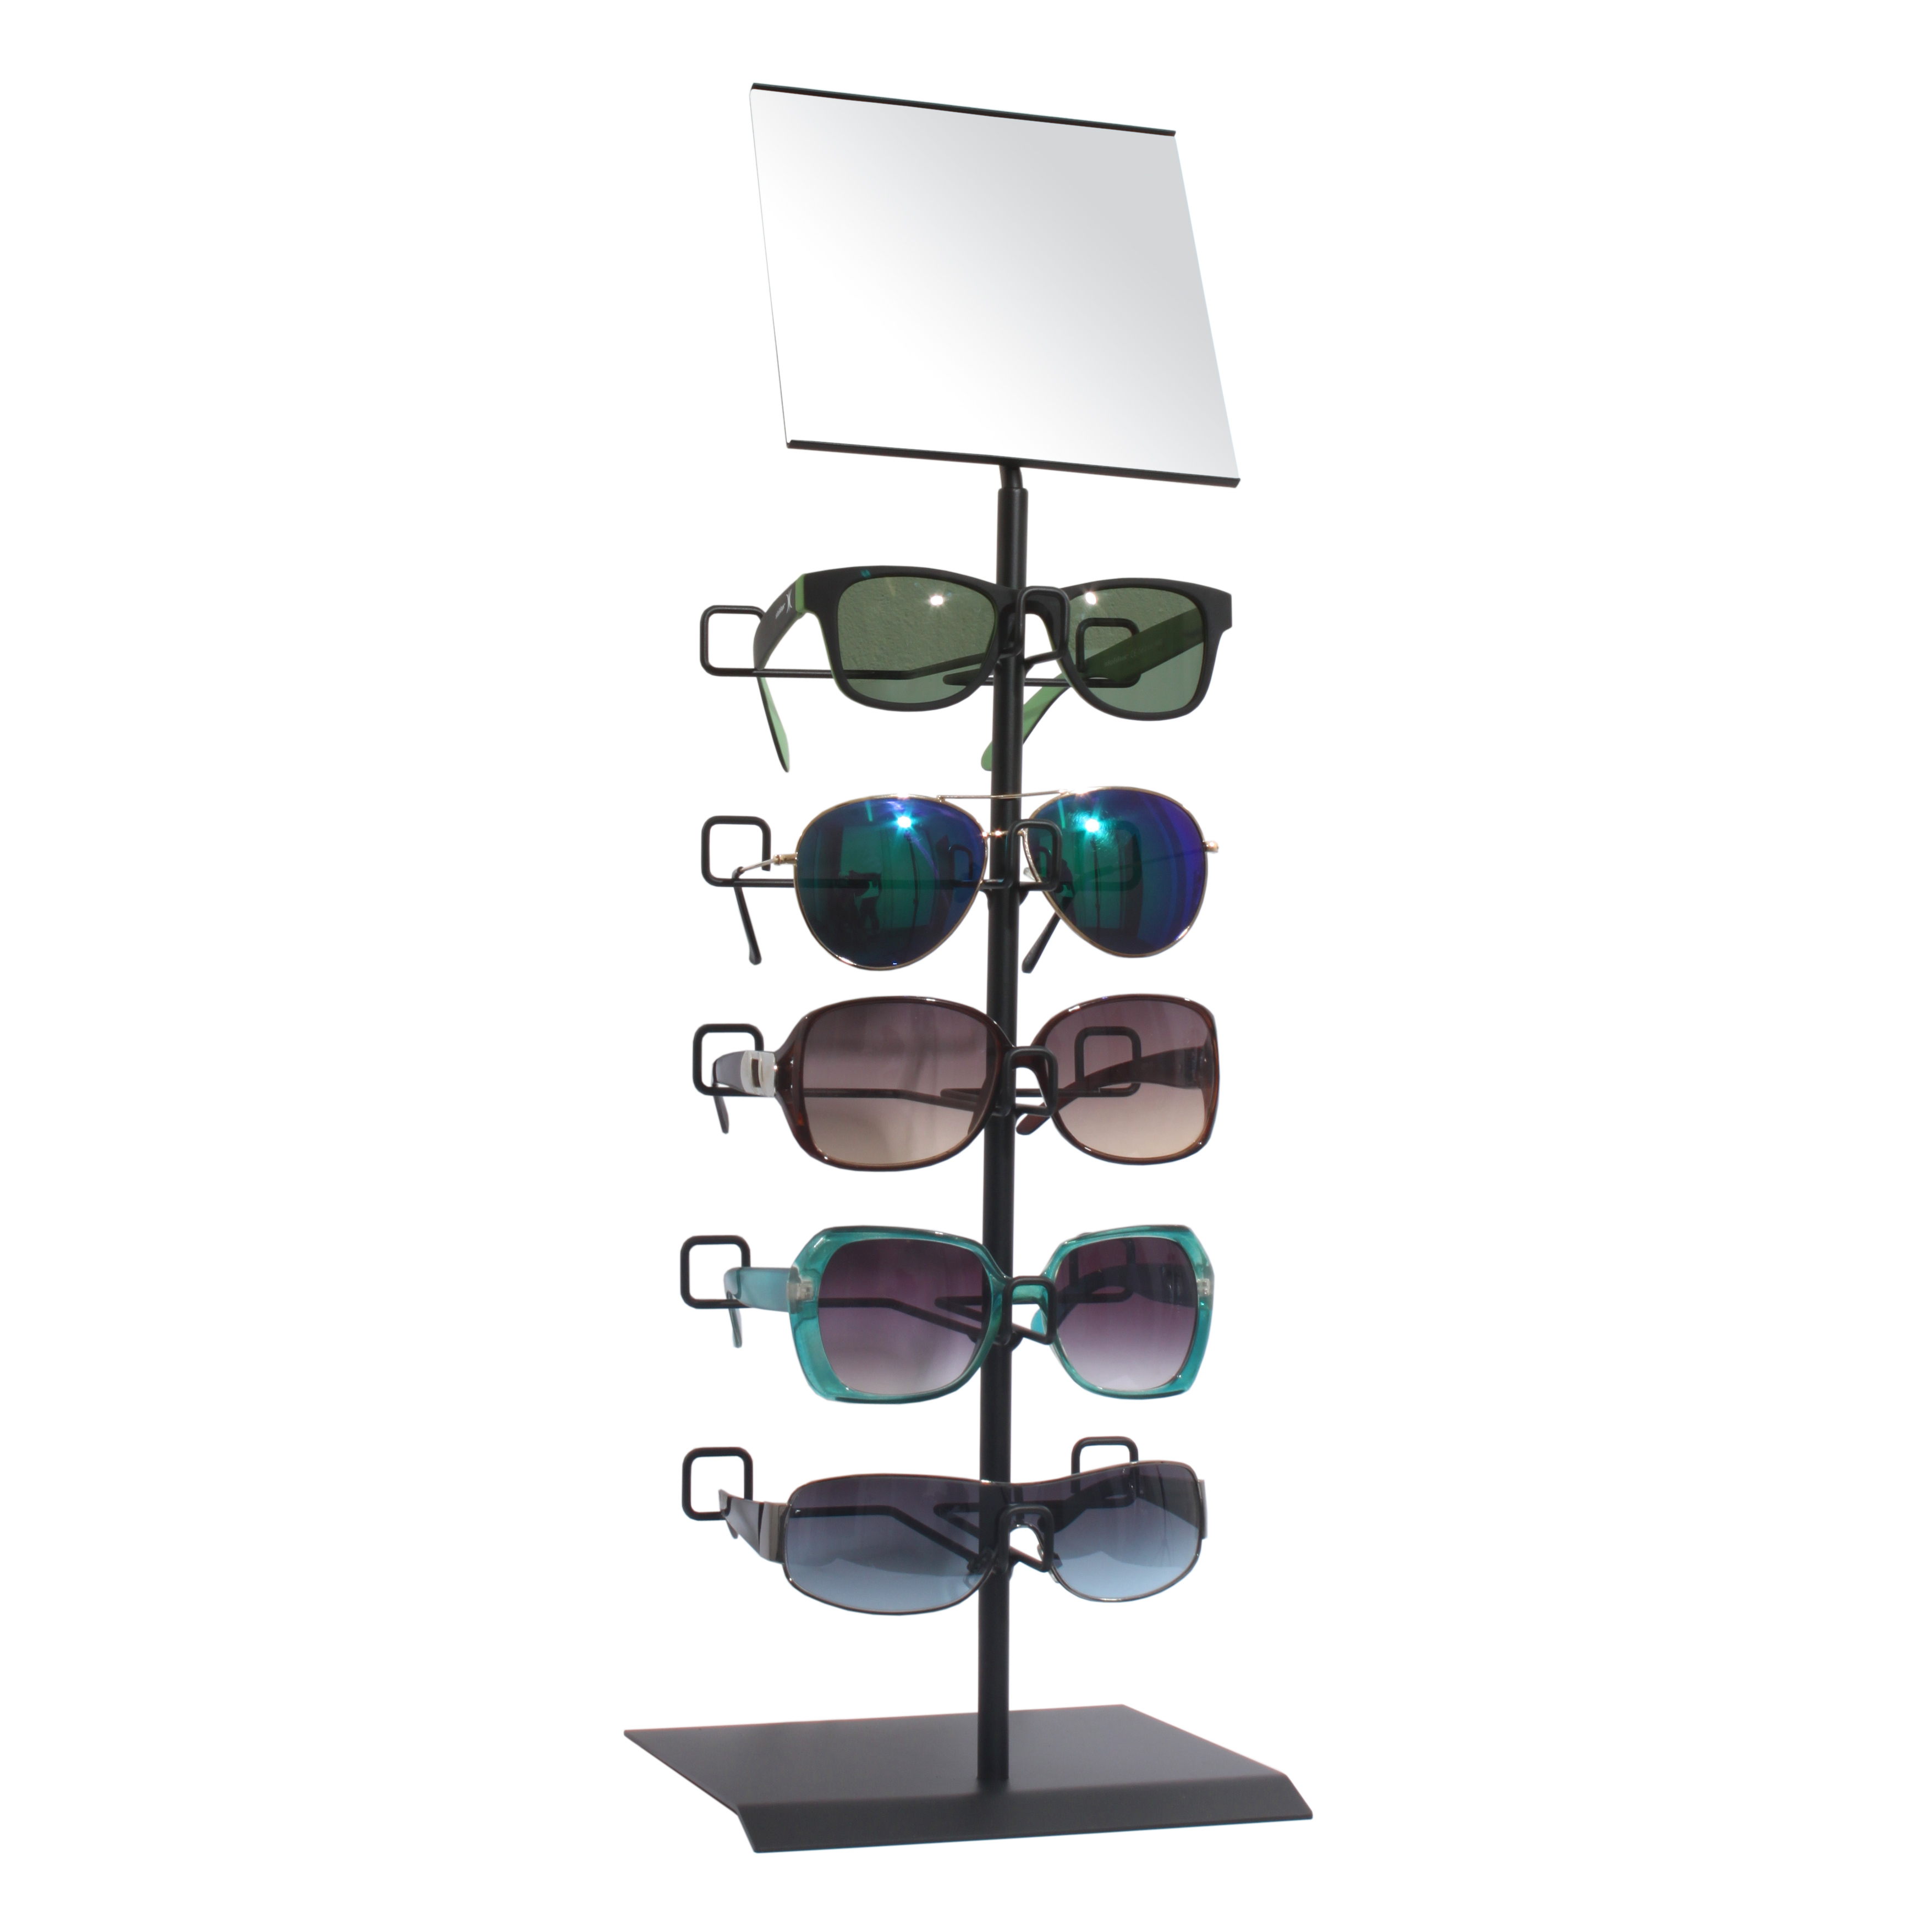 Brillenständer für 5 Brillen in schwarz-308 005